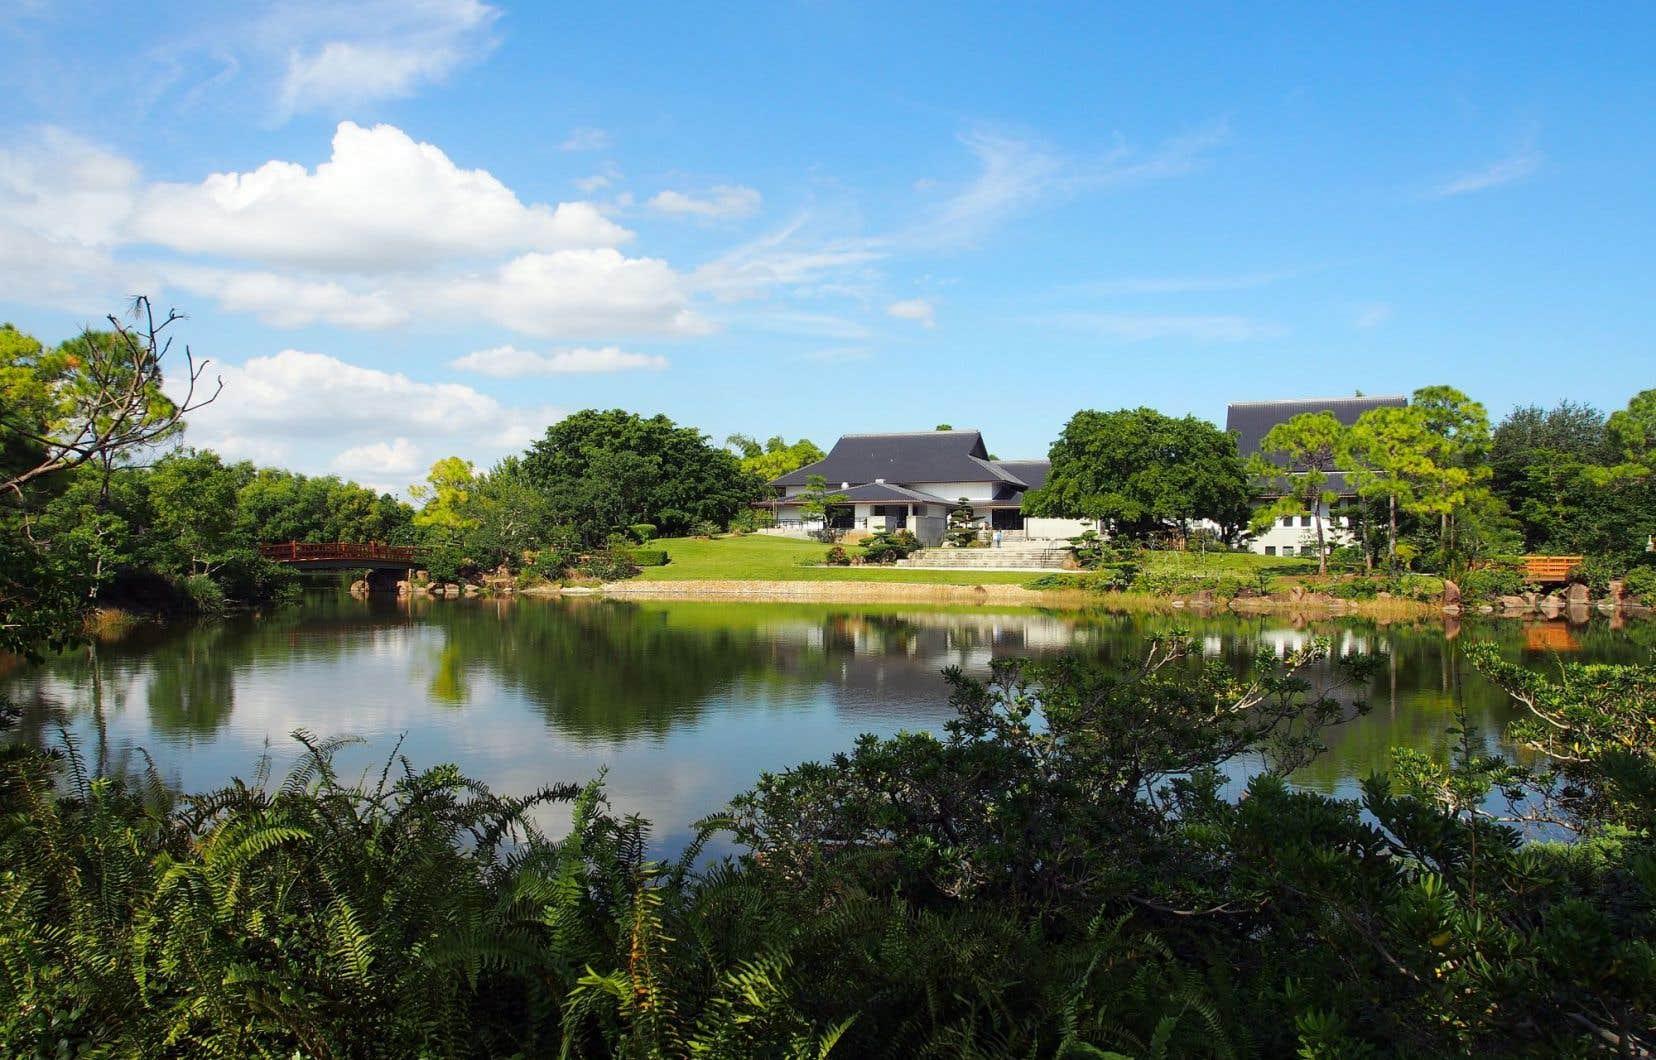 Les jardins japonais Morikami permettent un dépaysement instantané. Aménagés autour d'un grand étang, où plusieurs points de vue sont splendides, ils s'étendent sur 6,5 acres.